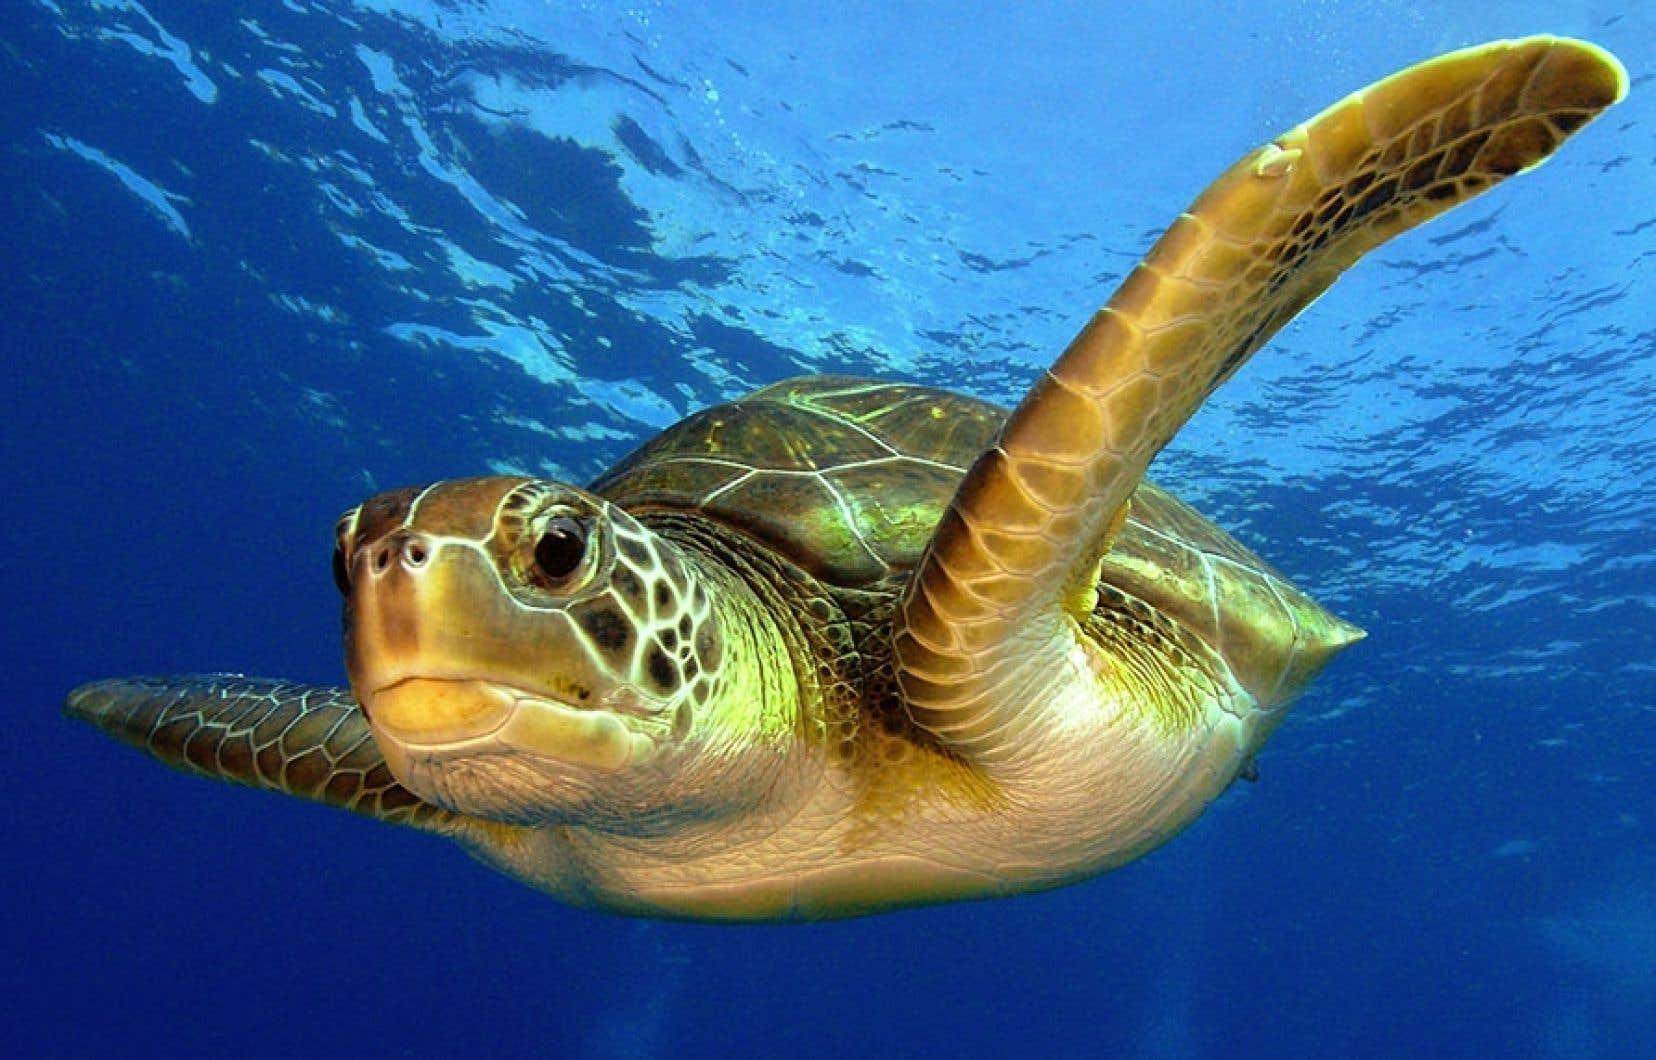 Les prises non désirées, et le plus souvent rejetées mortes à la mer, comme les tortues, représenteraient grosso modo 10 % de toutes les captures dans le monde.